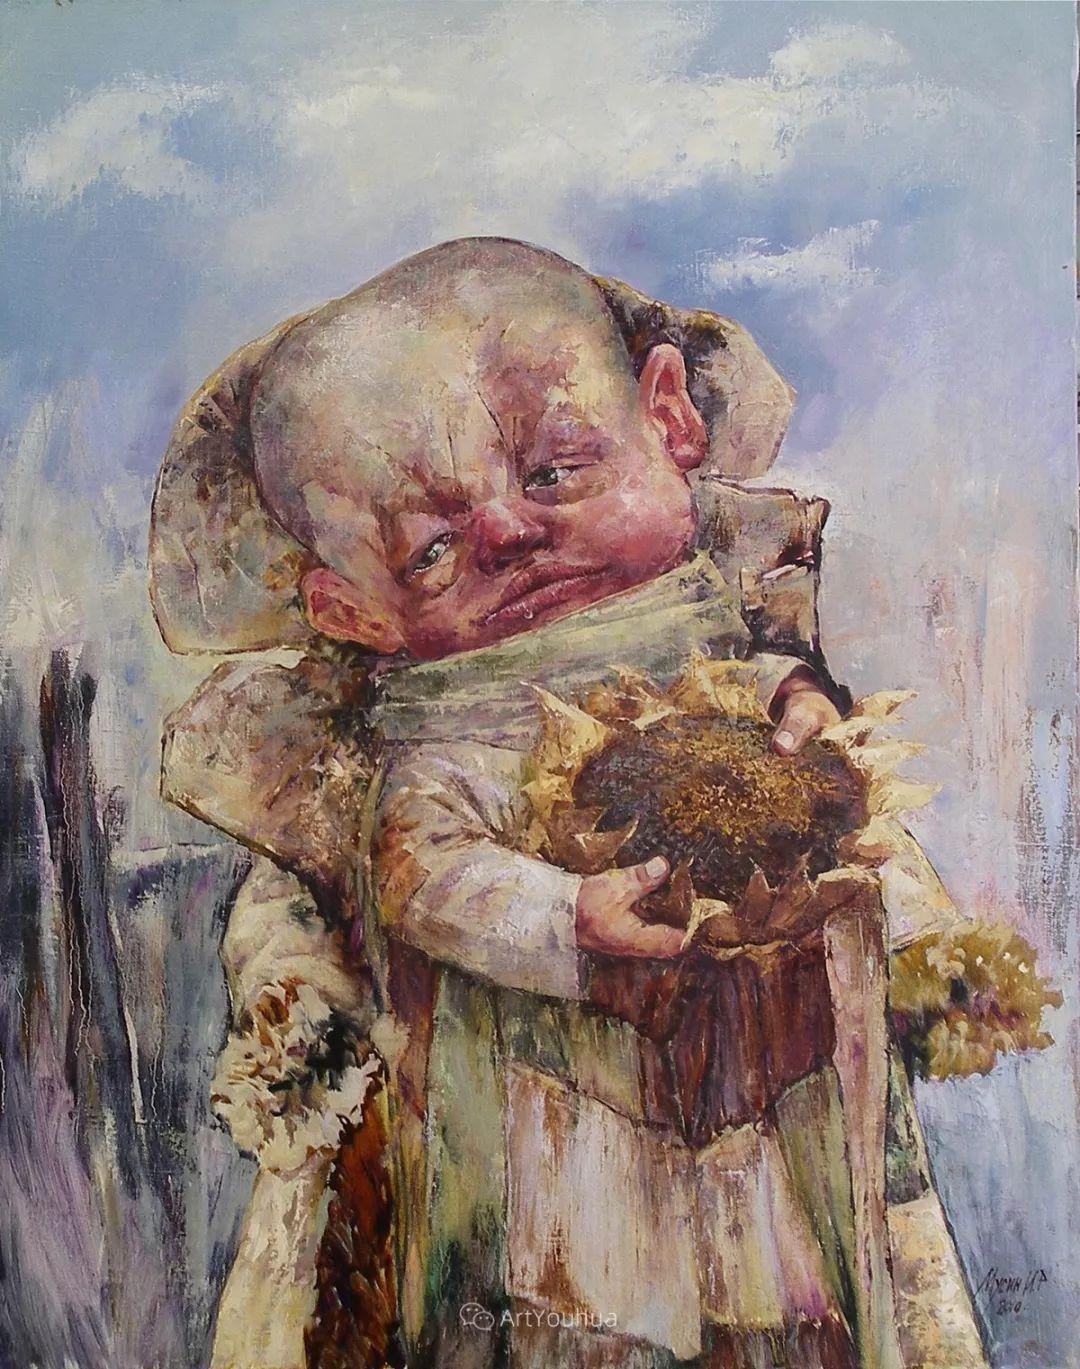 人物篇——哈萨克斯坦画家Musin Irik Rashidovich插图2